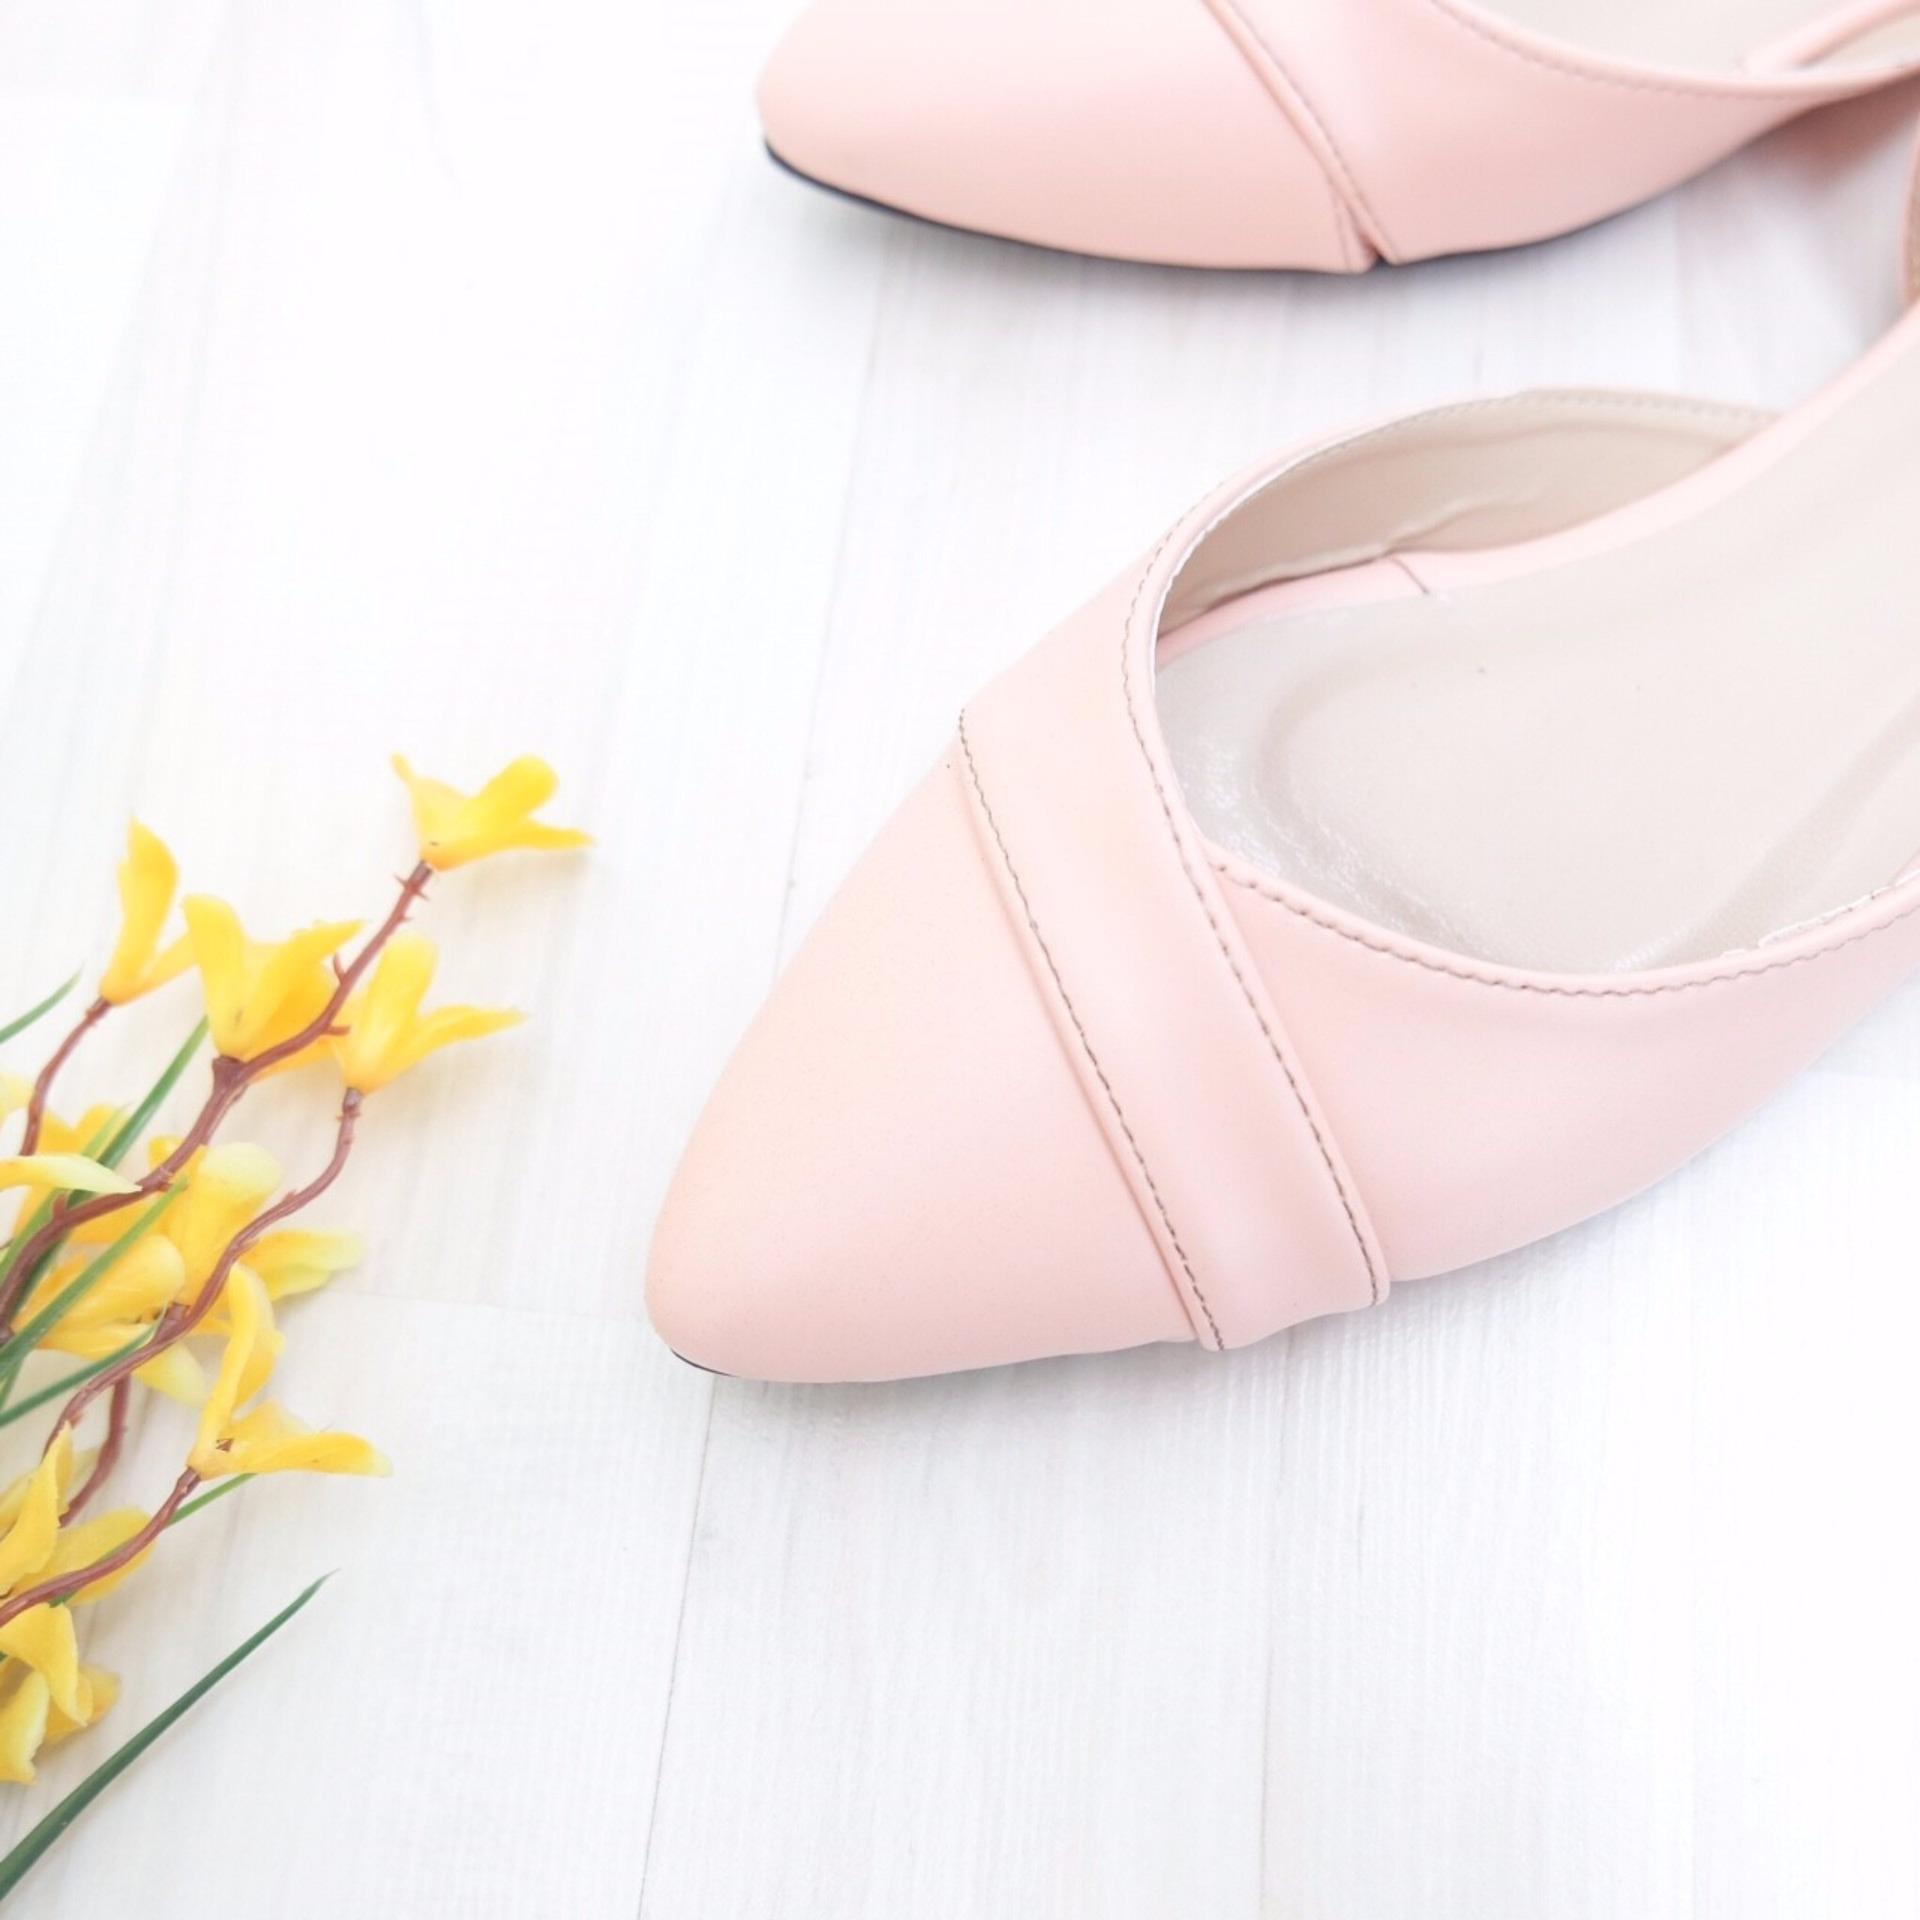 KelinciMadu-Margie Flatshoes-Pink .